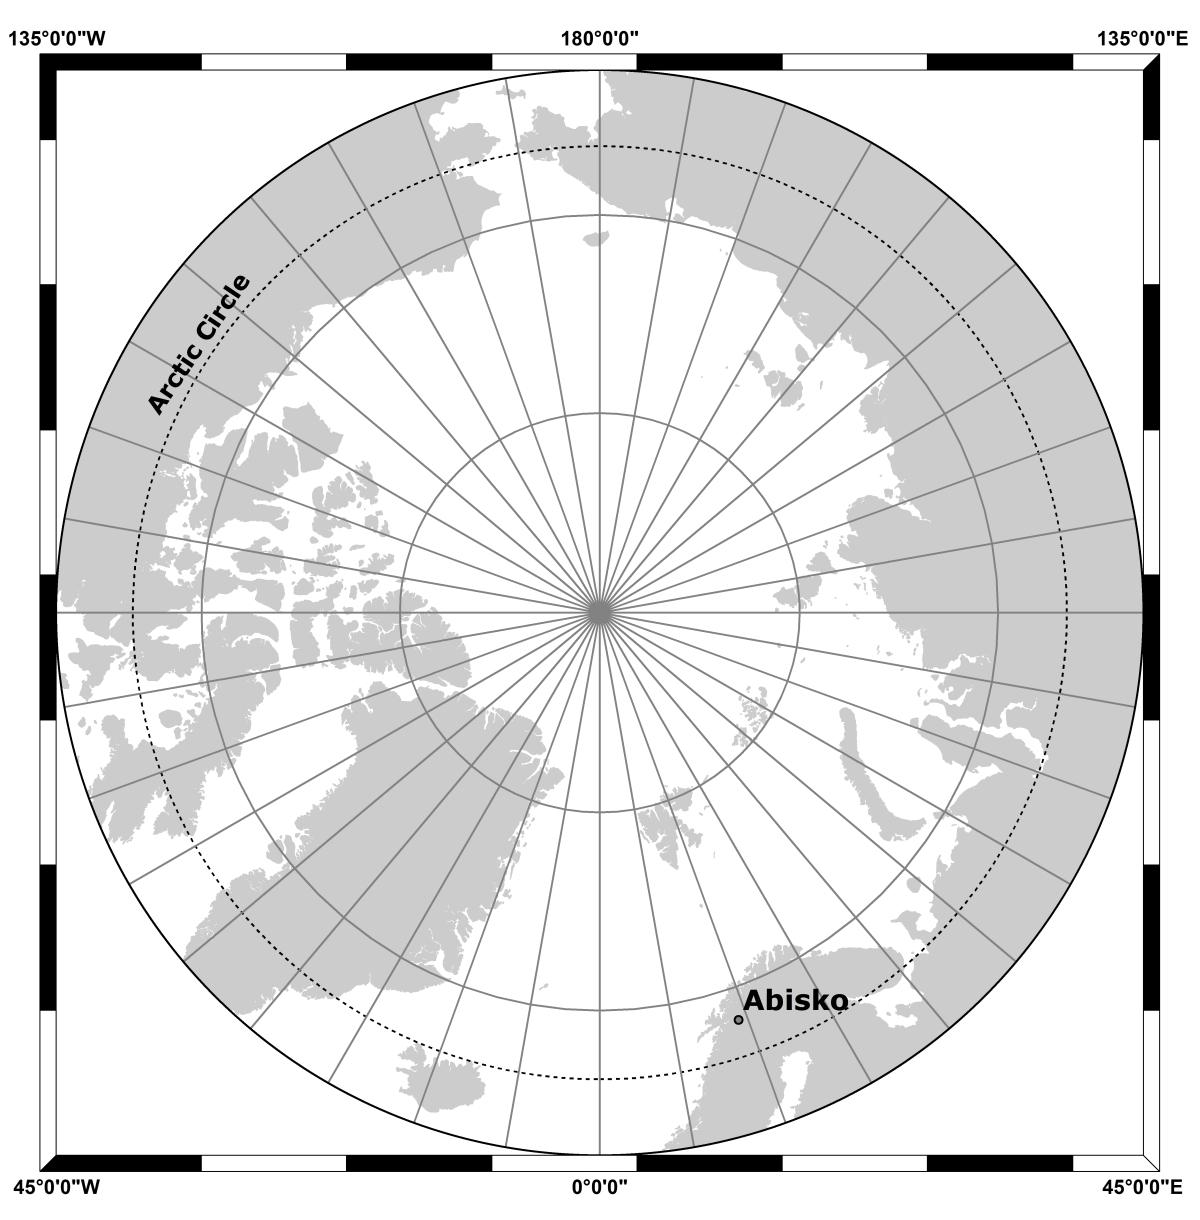 Arctic Abisko Locator Map.jpg